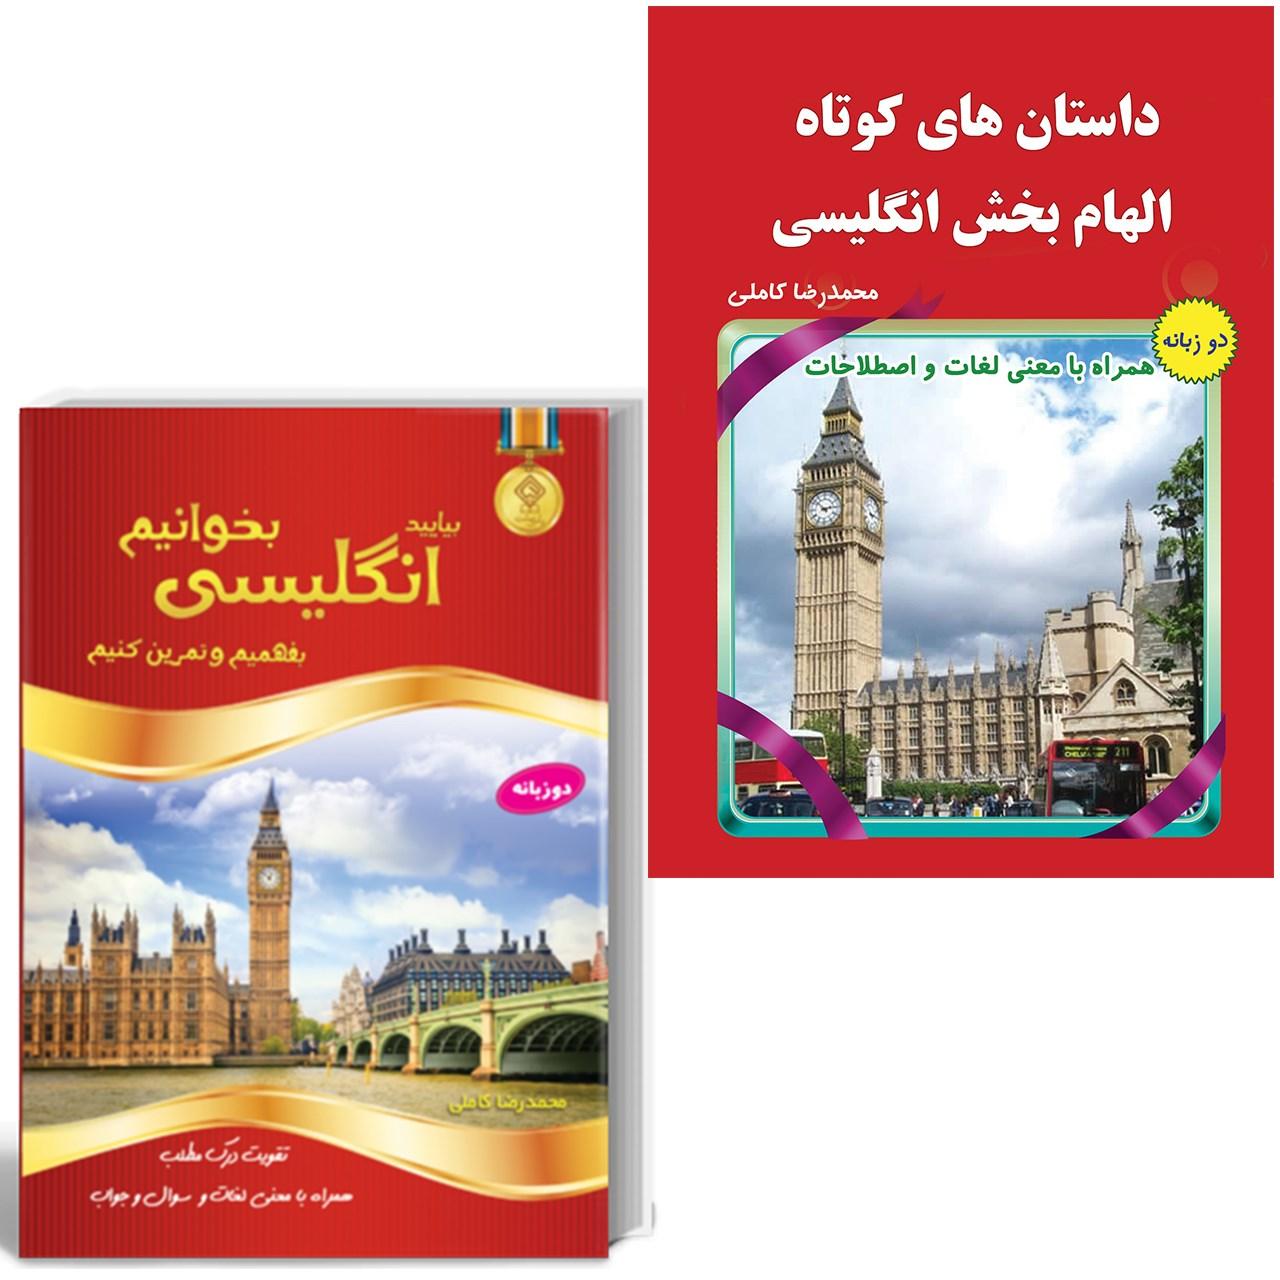 خرید                      کتاب داستان های کوتاه الهام بخش انگلیسی اثر محمدرضا کاملی 2 جلدی